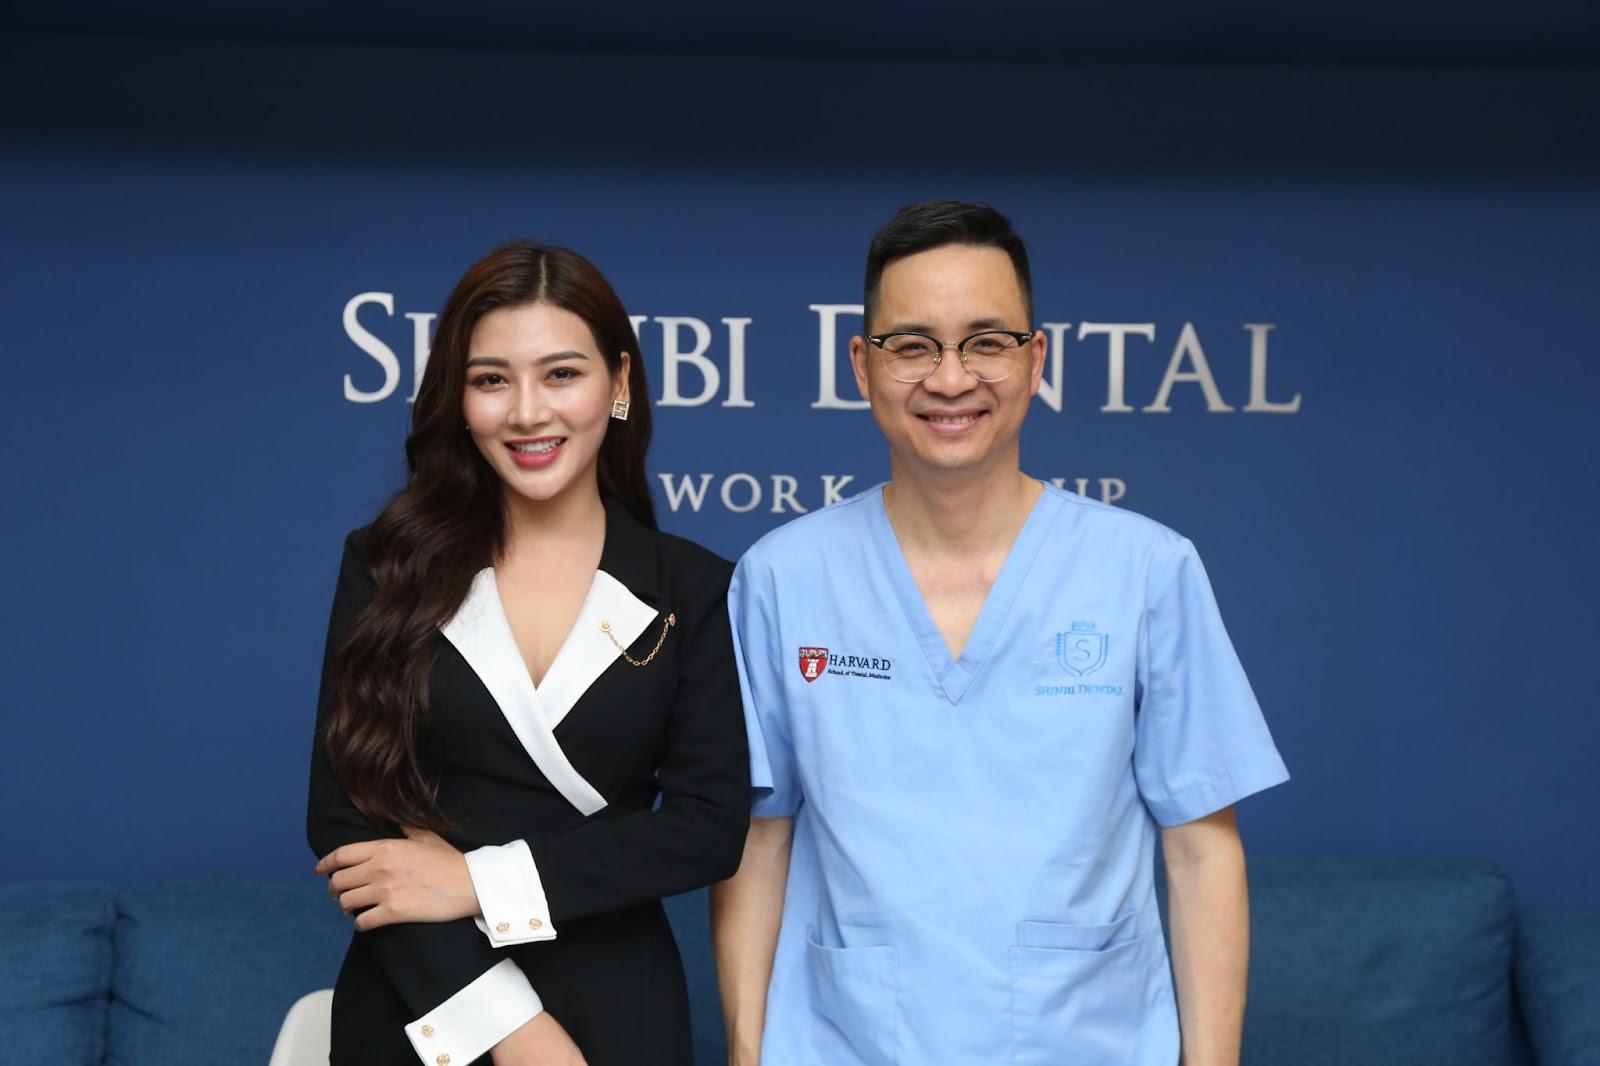 """Nha khoa Thẩm mỹ Shinbi - nơi chuyên """"giải cứu nụ cười"""" do răng sứ bị làm giả - Ảnh 2"""